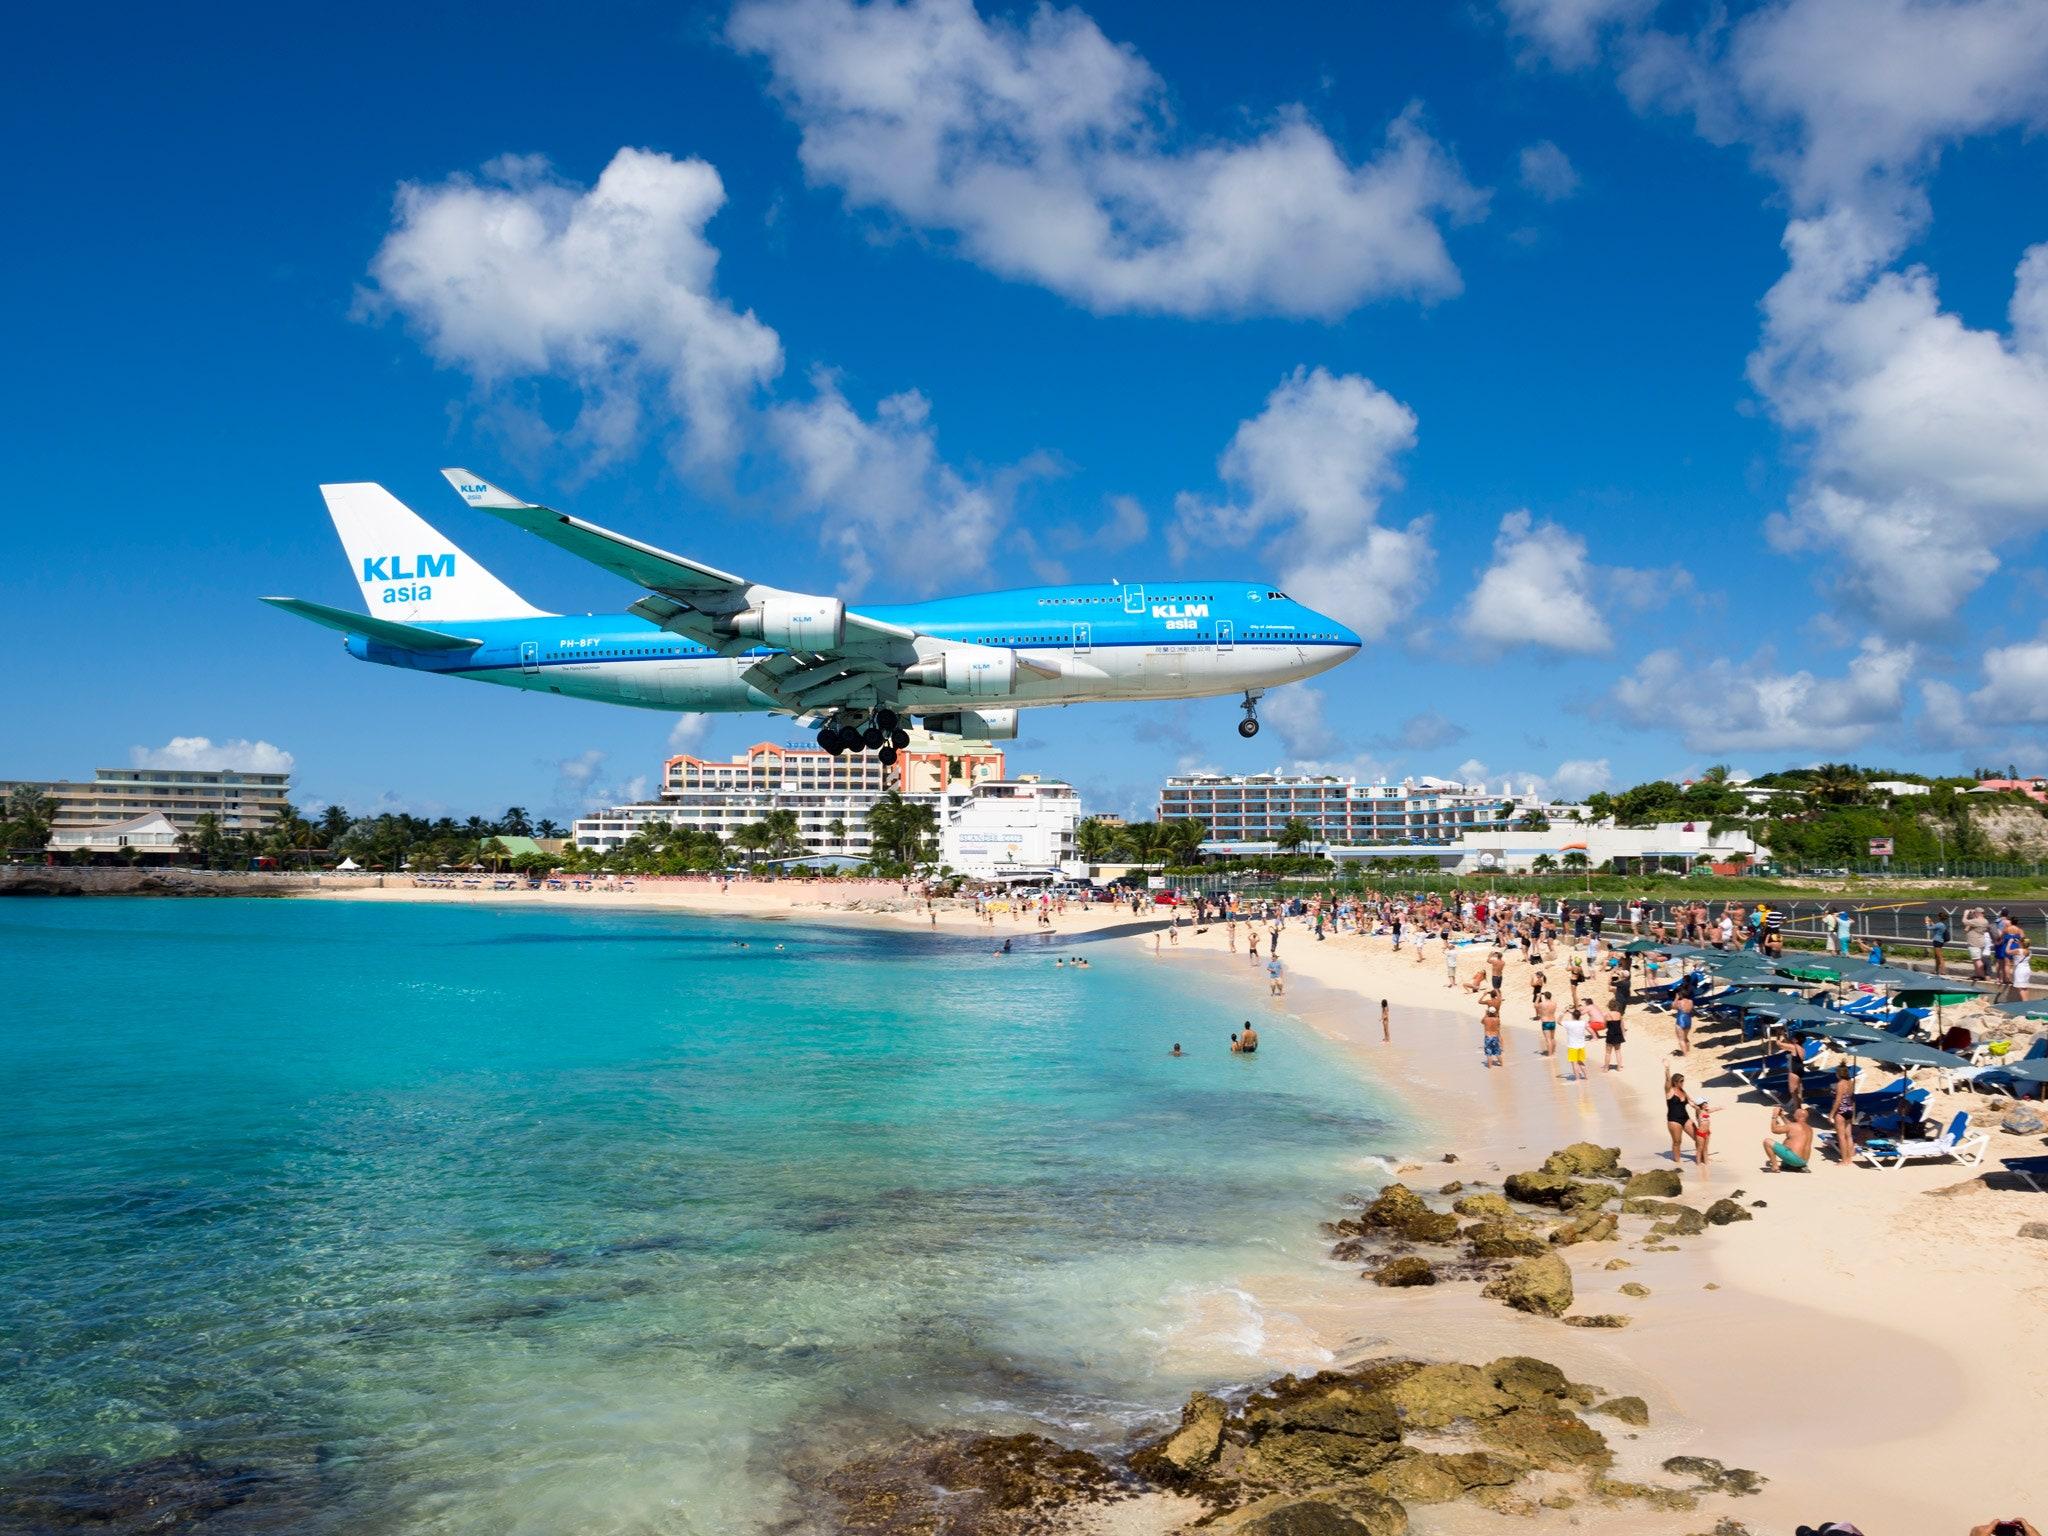 sint marteen bright path caribbean airplane